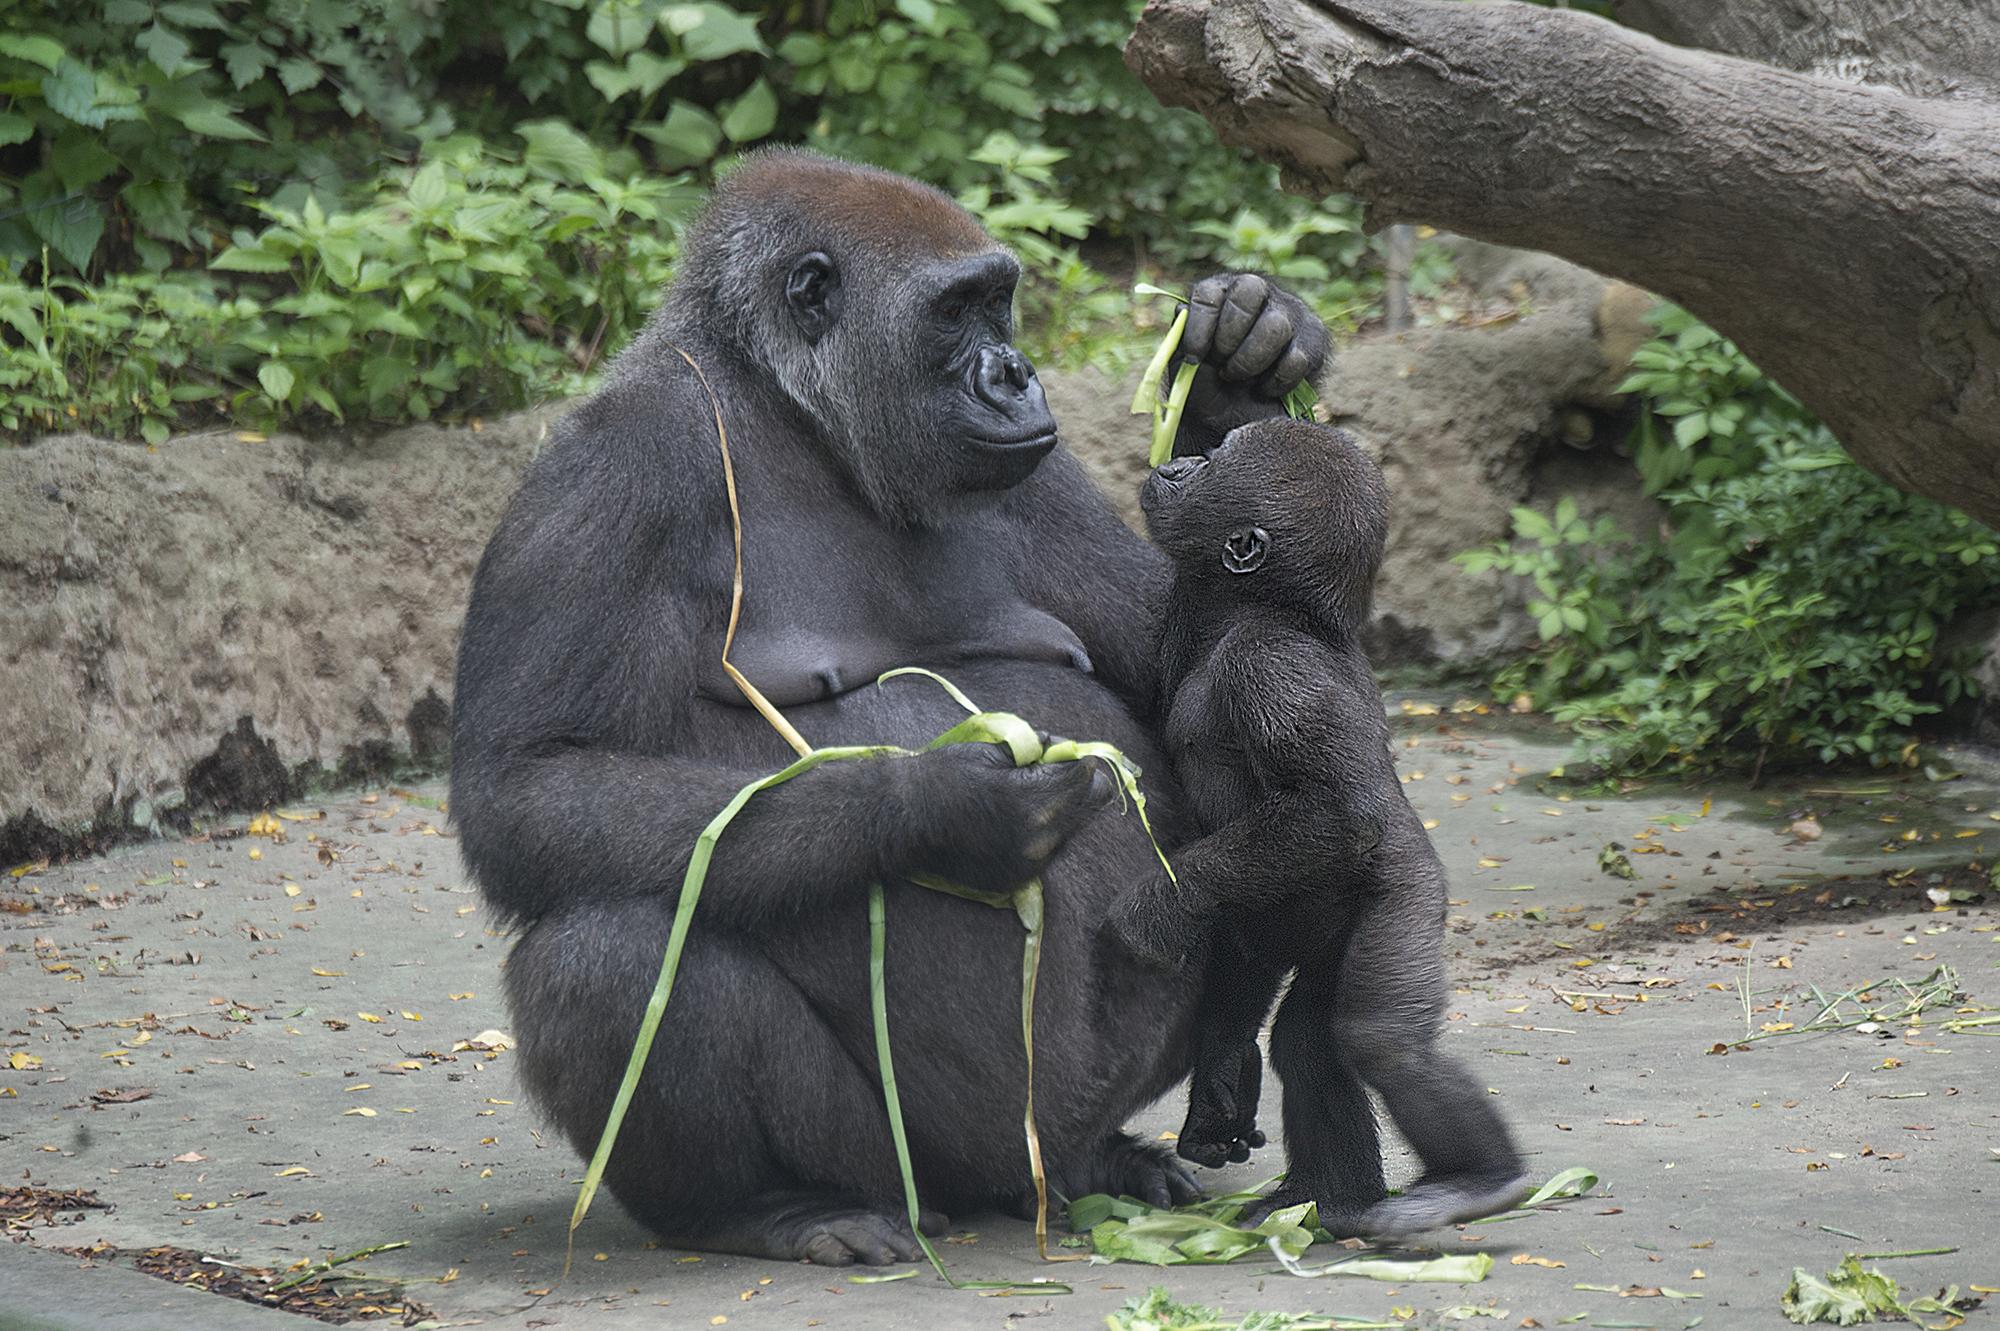 Green Garden for Gorillas